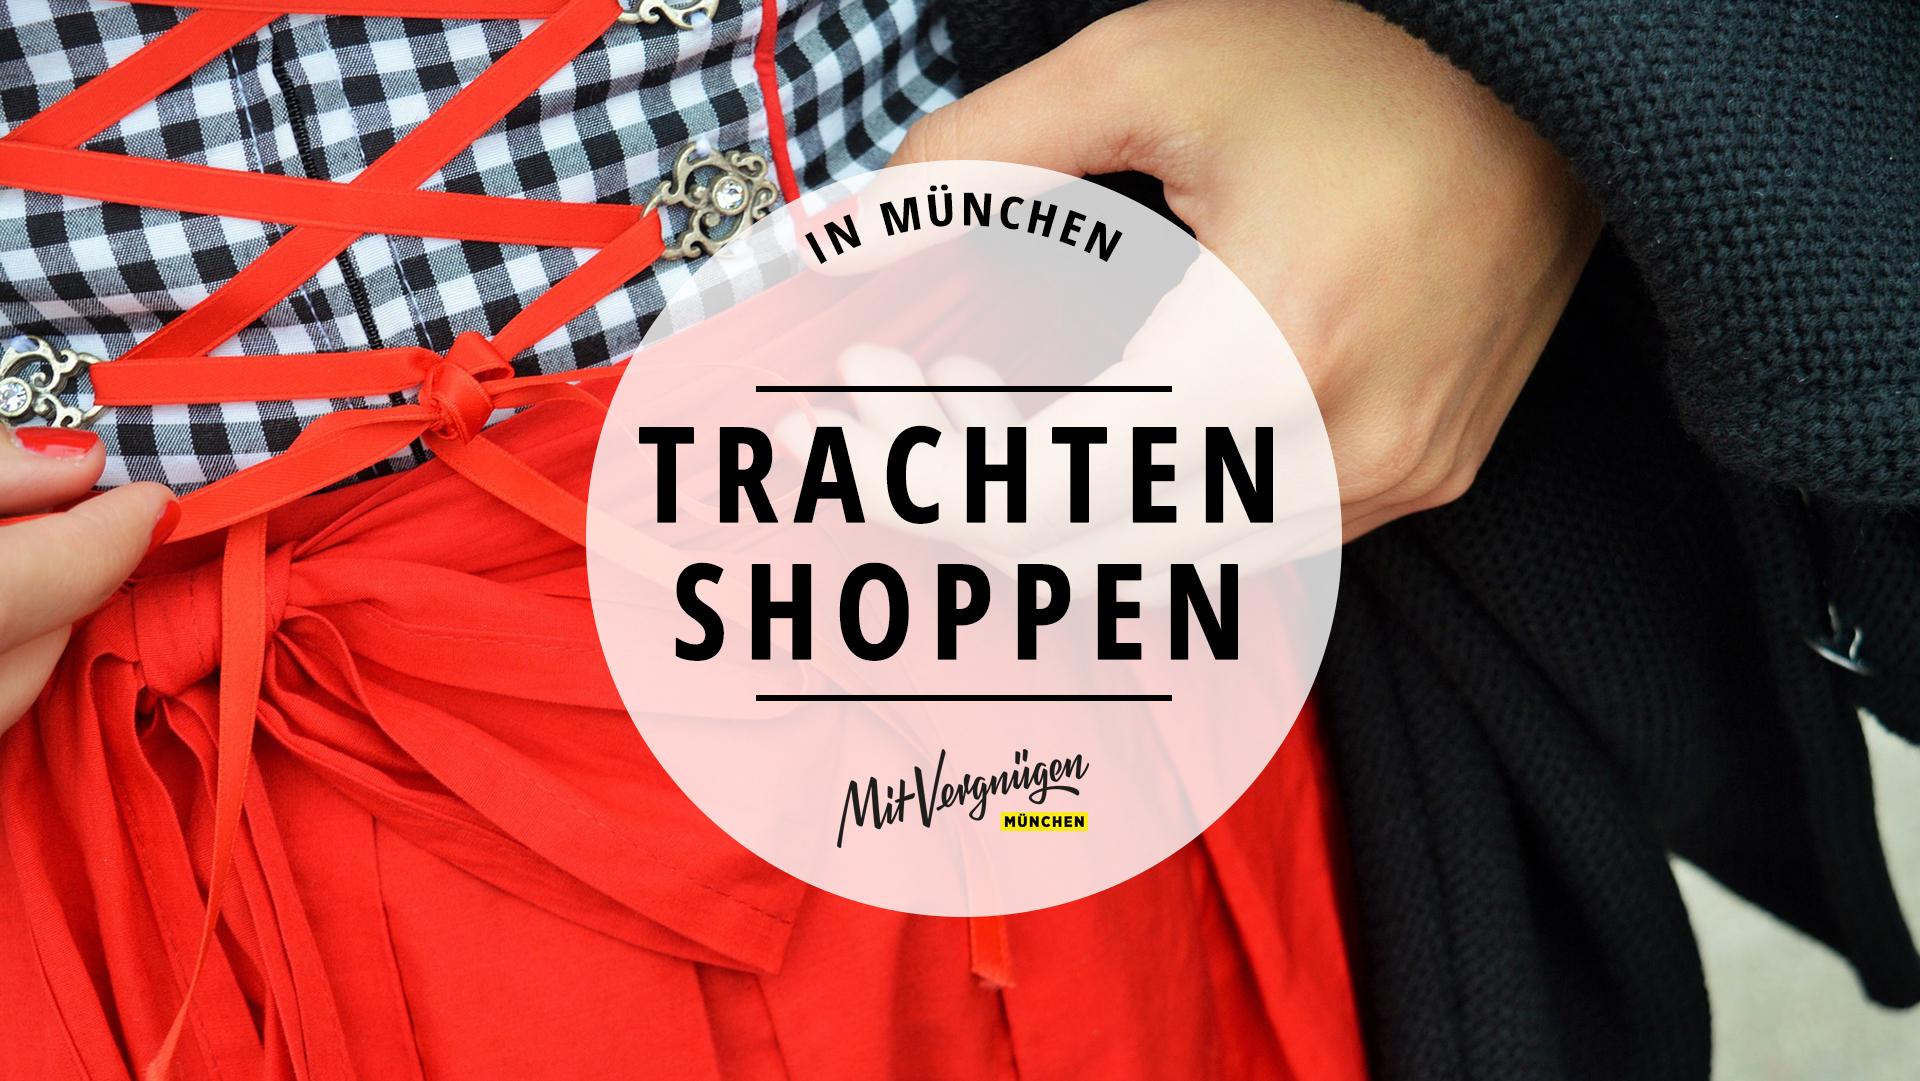 157cca81beed8 11 gute Adressen zum Trachten kaufen in München